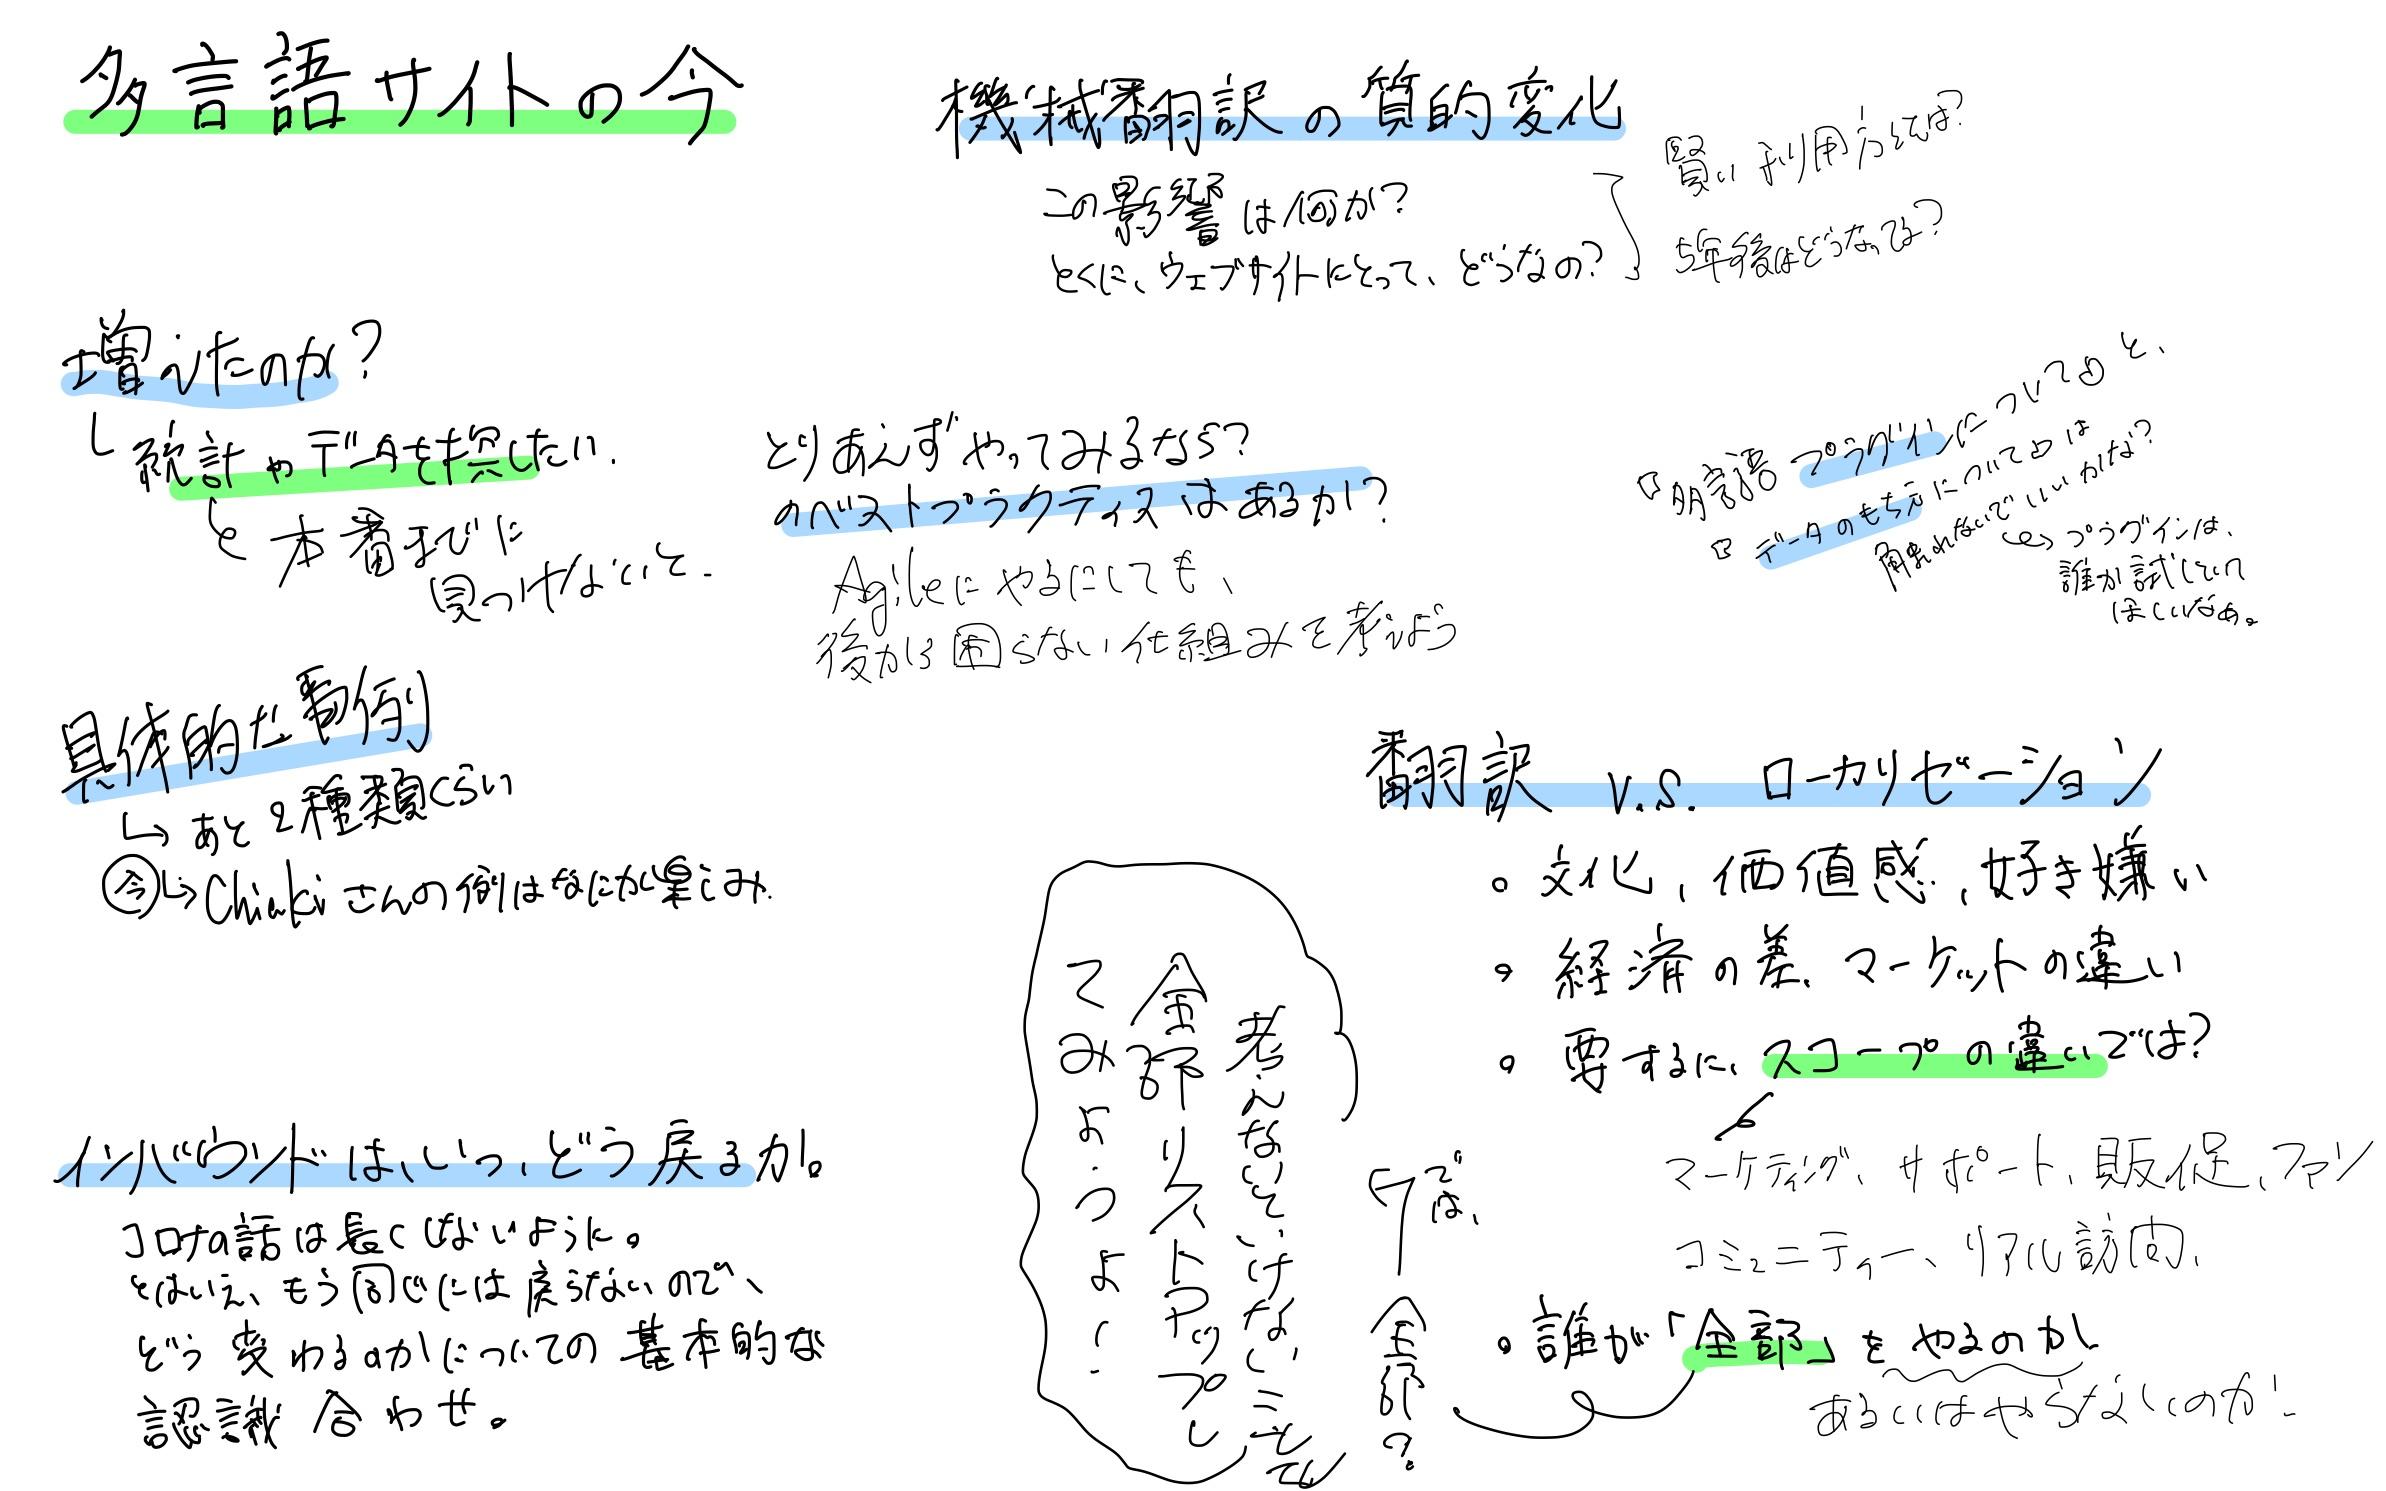 考えていることを並べた画像。増えたのか?統計やデータがほしい。機械翻訳の質的な変化は多言語ウェブサイトやその運営に何をもたらす?賢い利用方法や5年後の予想。小さく始めて大きく伸ばす際の始め方ベストプラクティスはありそう。具体的な事例募集中。インバウンドはいつ、どう戻るのか。翻訳とローカリゼーションの違いについて